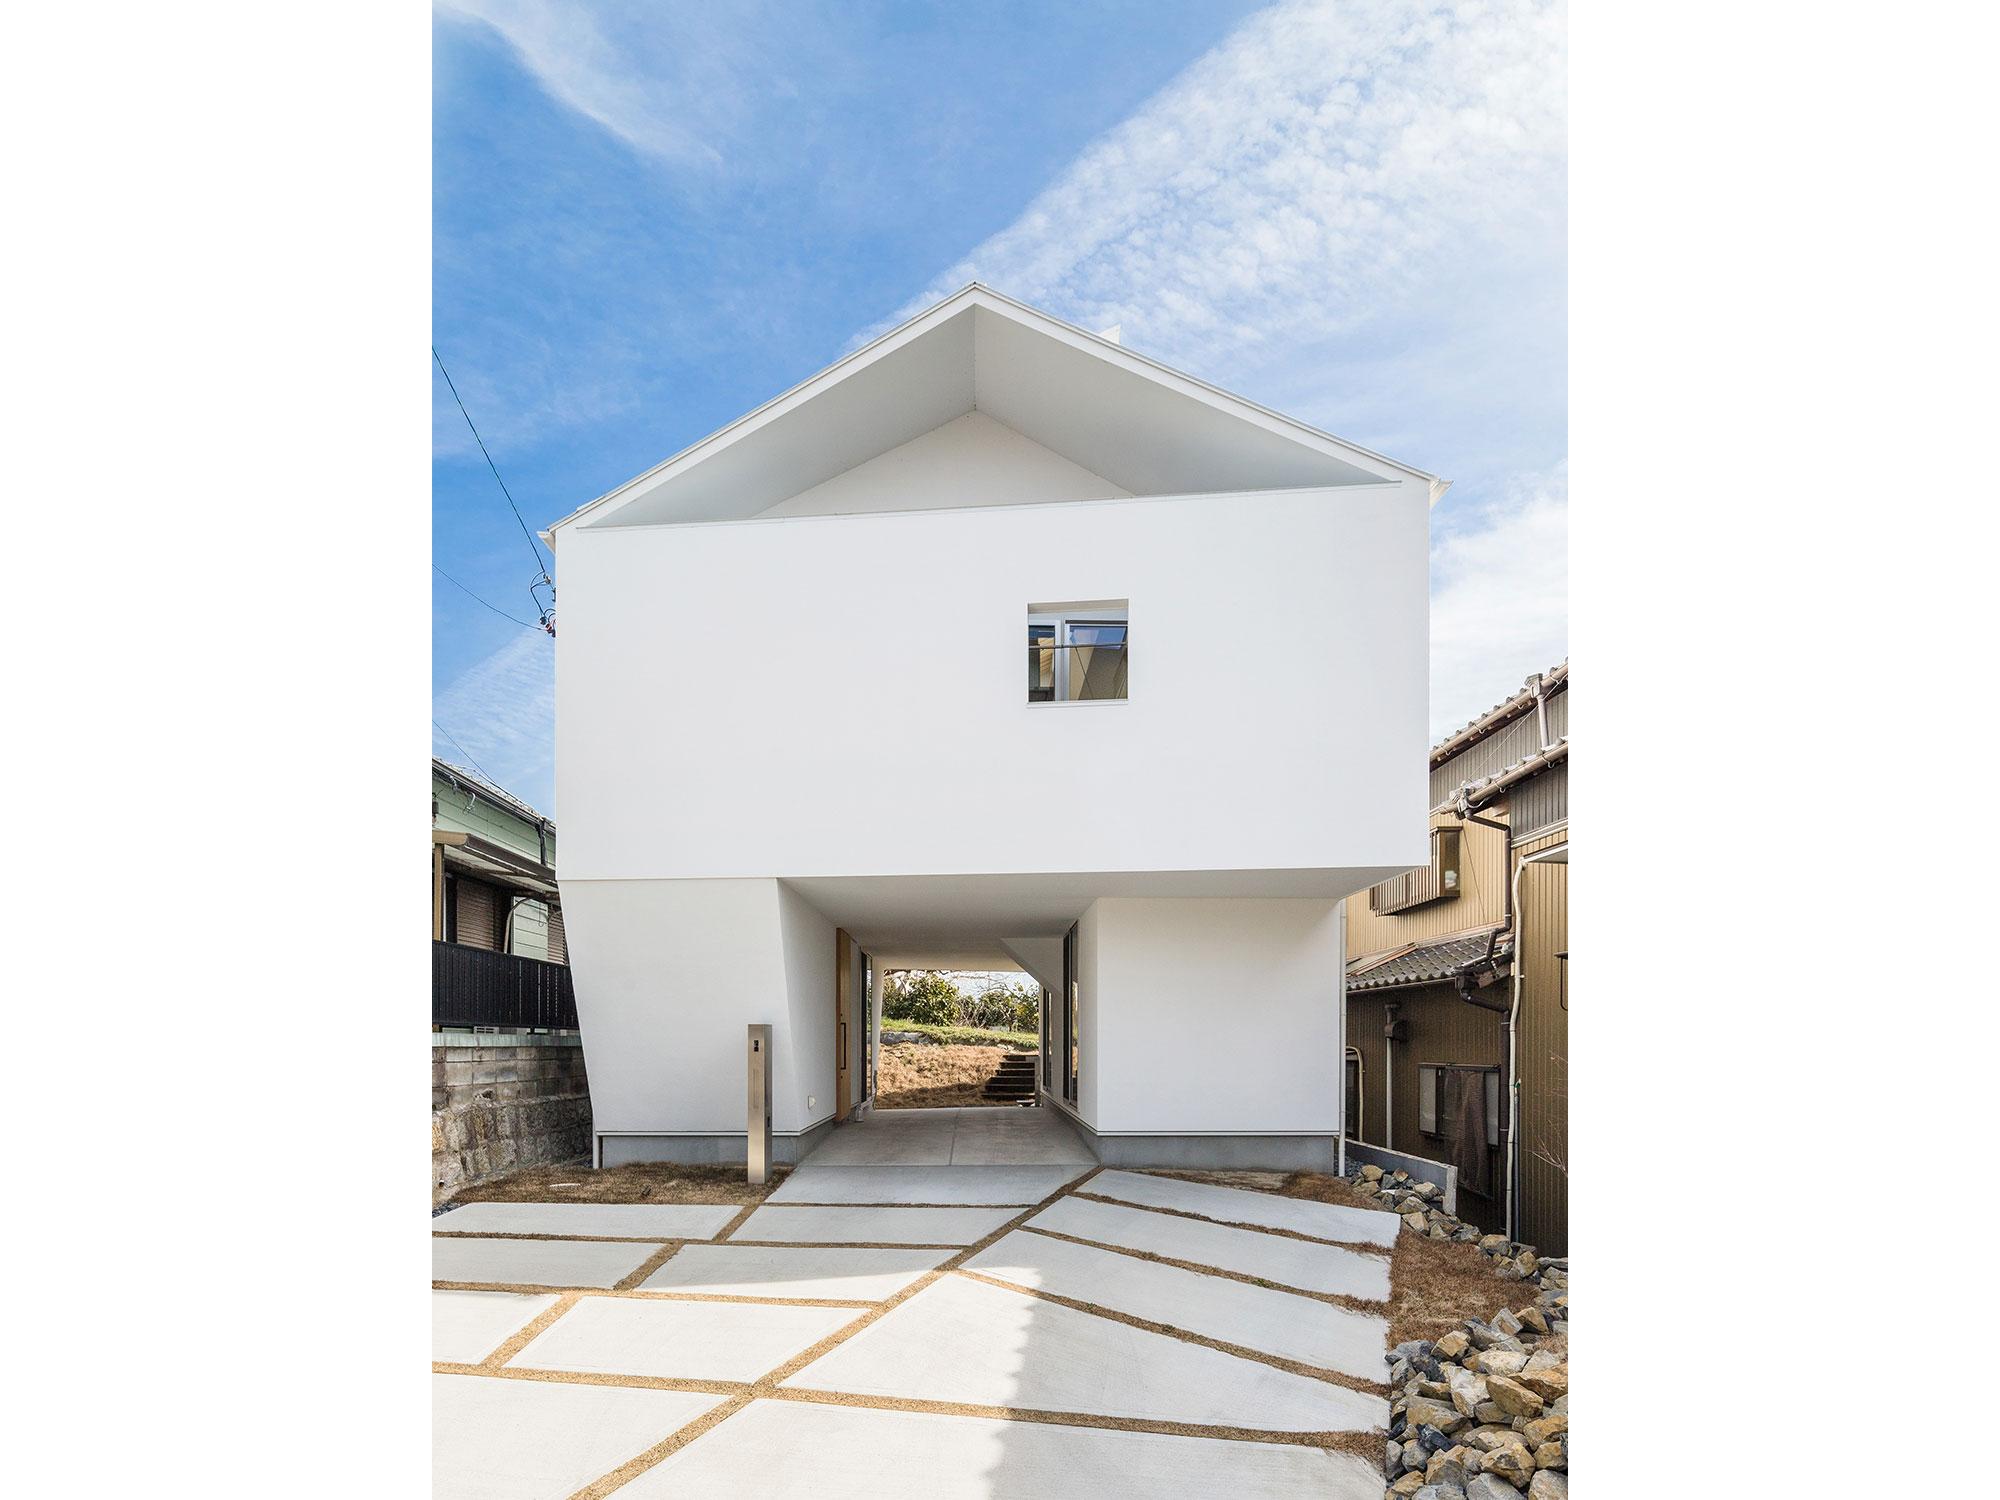 ツミキの家01|愛知県みよし市|Natureスペース施工事例